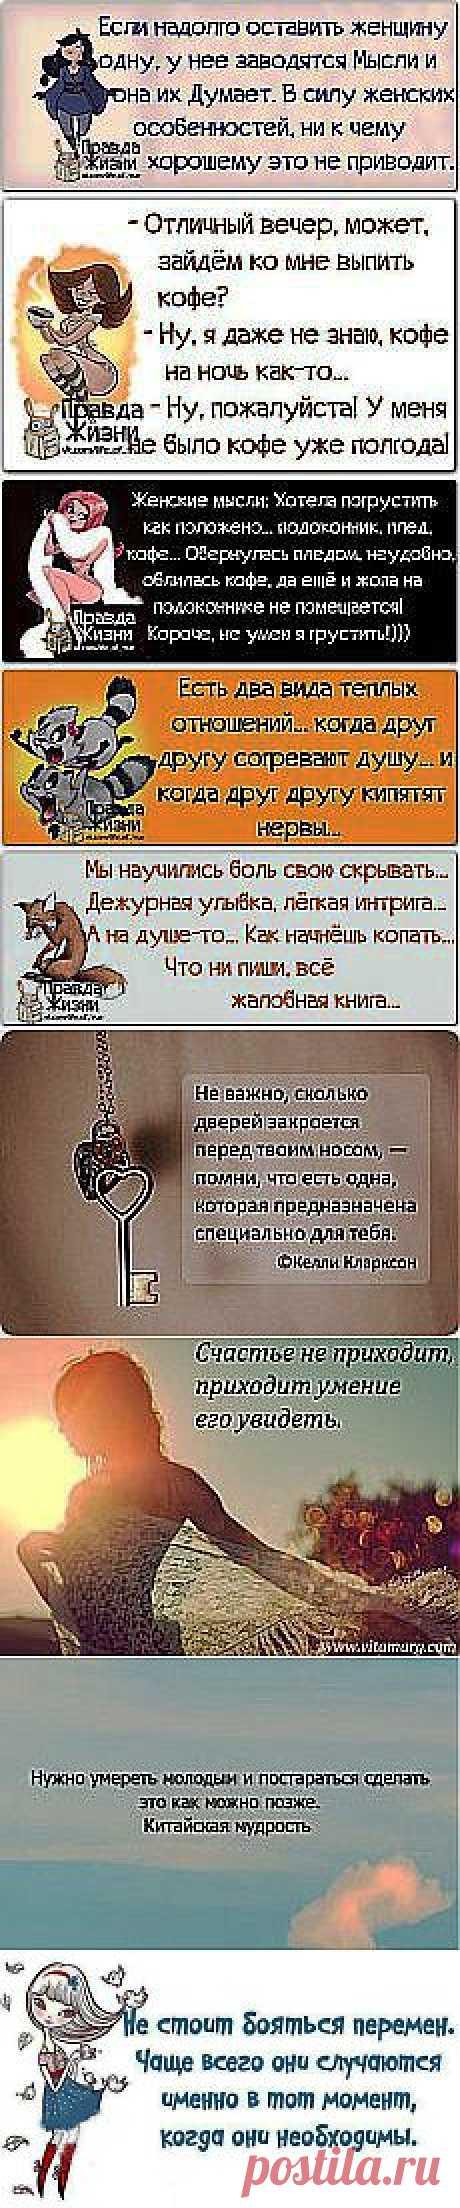 moonlightlutkevich Люткевич: моя | Postila.ru